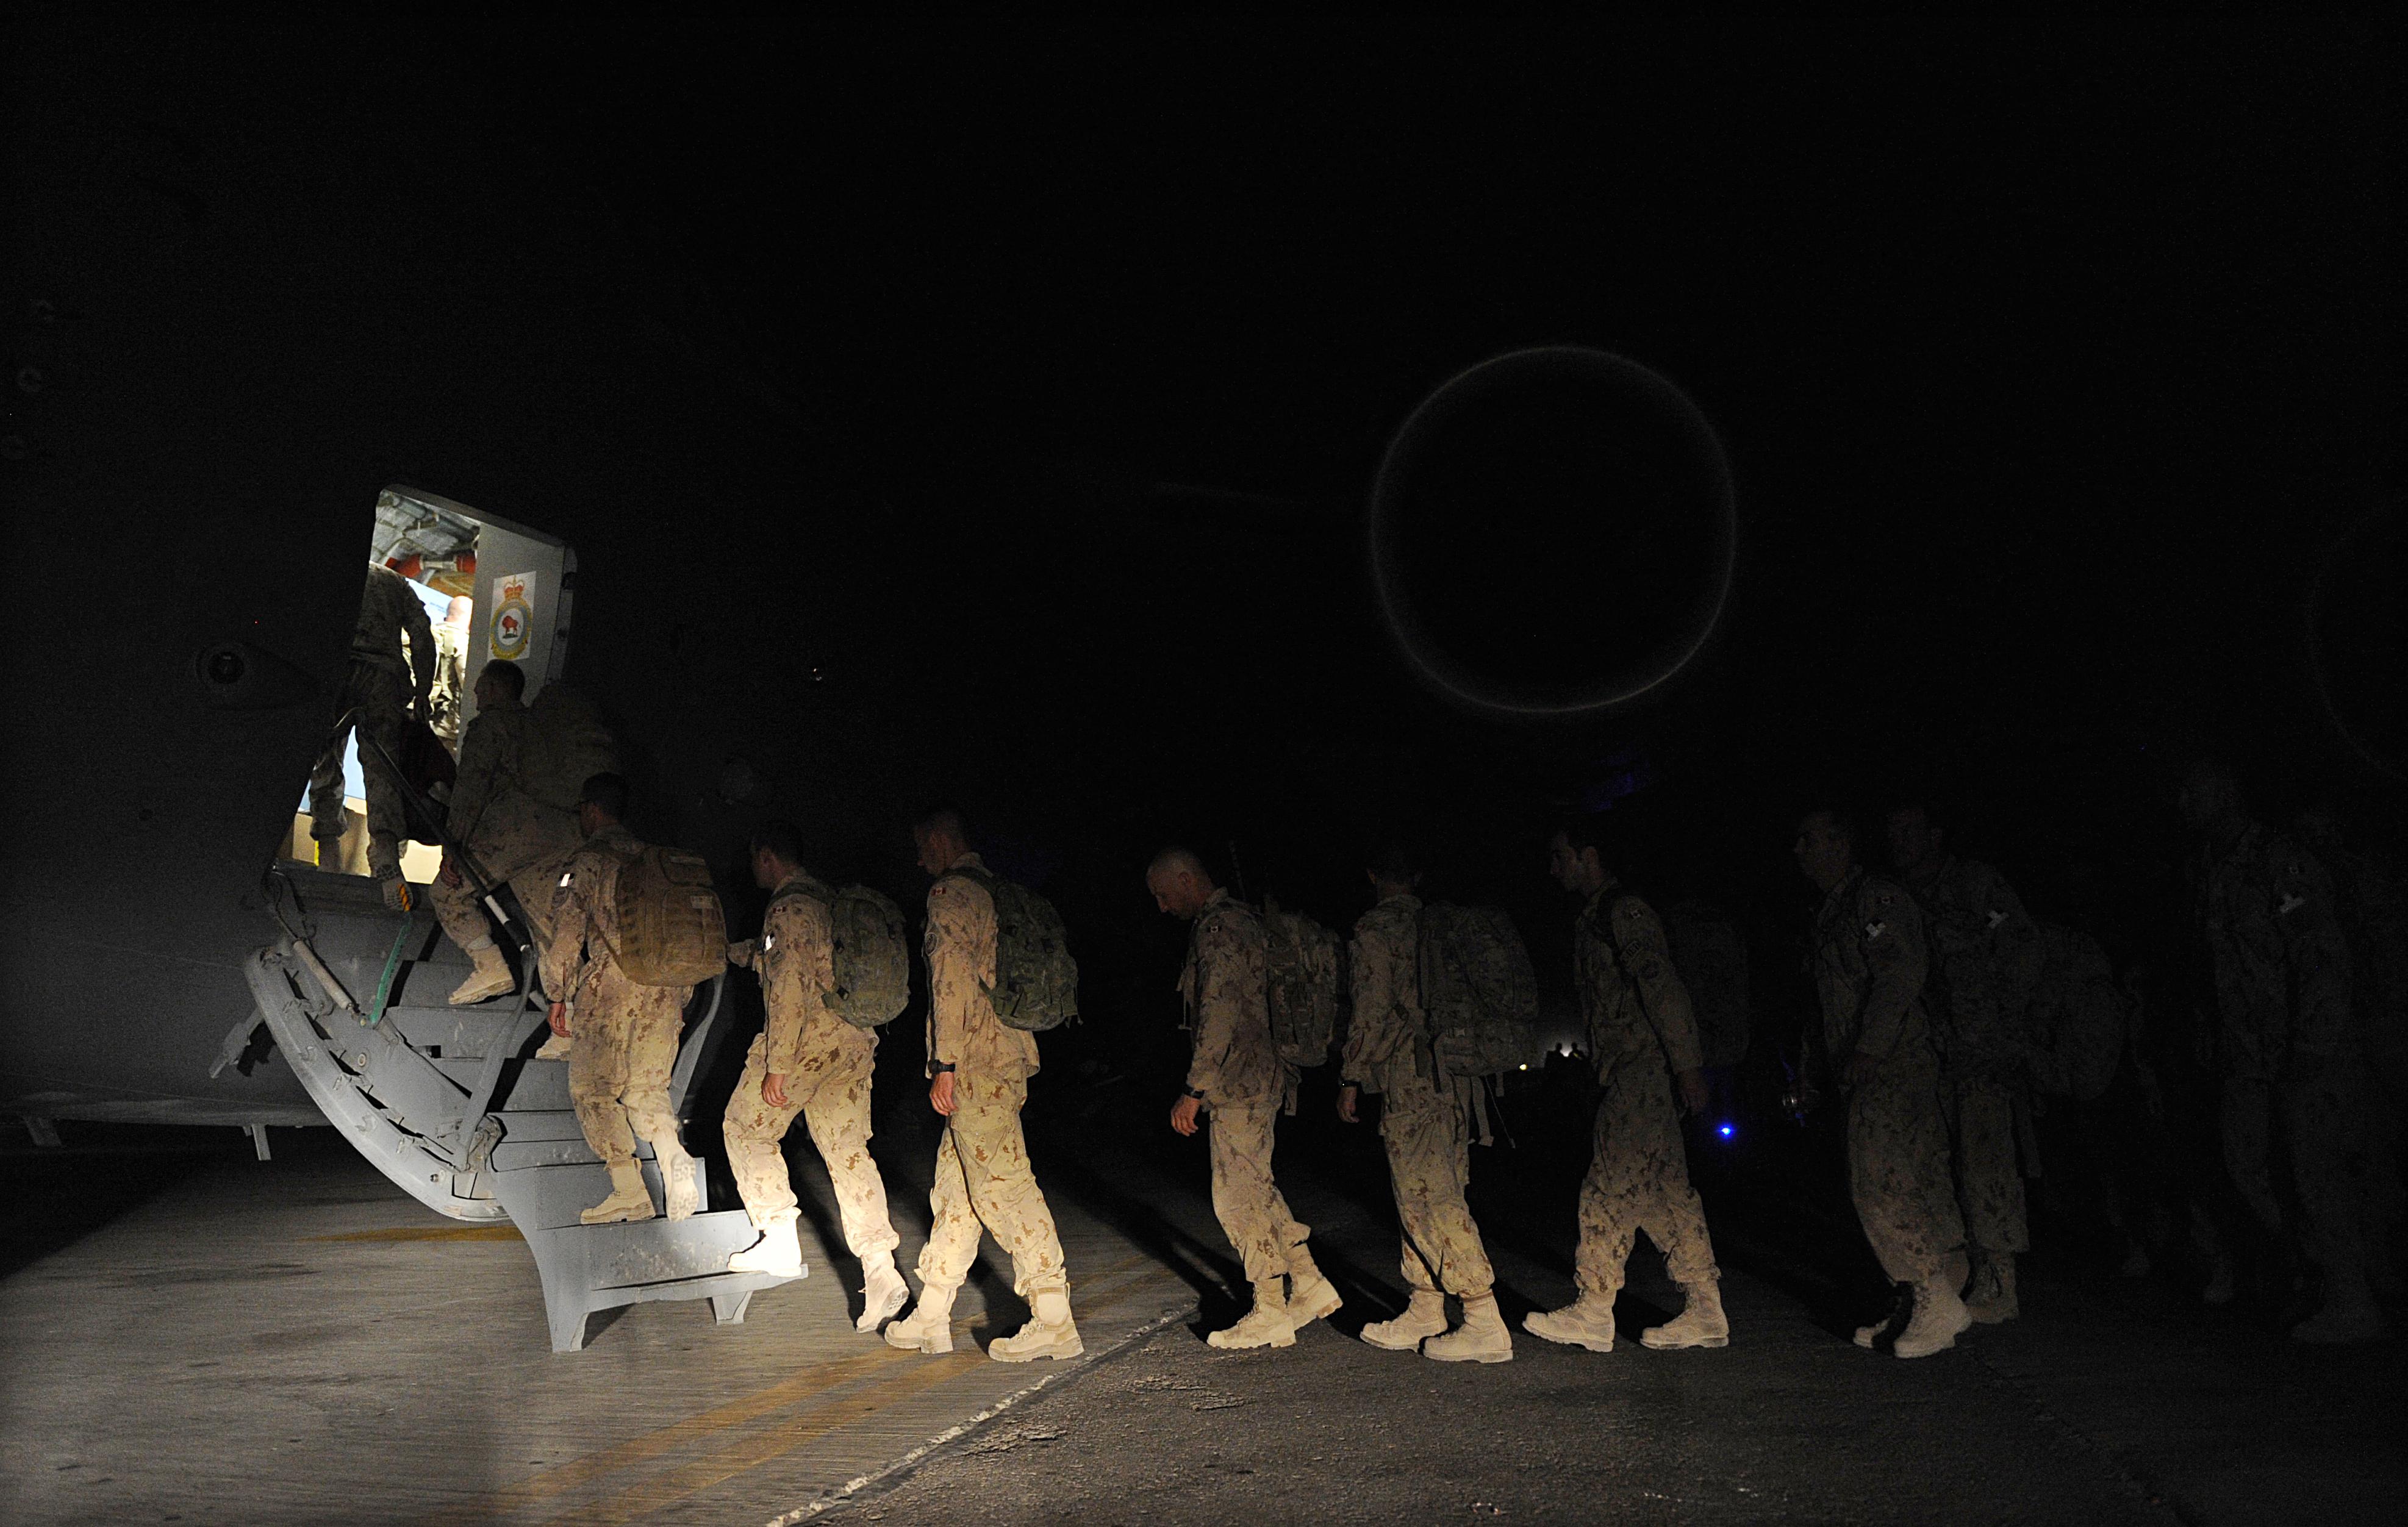 Az Egyesült Államok és a NATO csapatai hivatalosan is megkezdik a kivonulást Afganisztánból